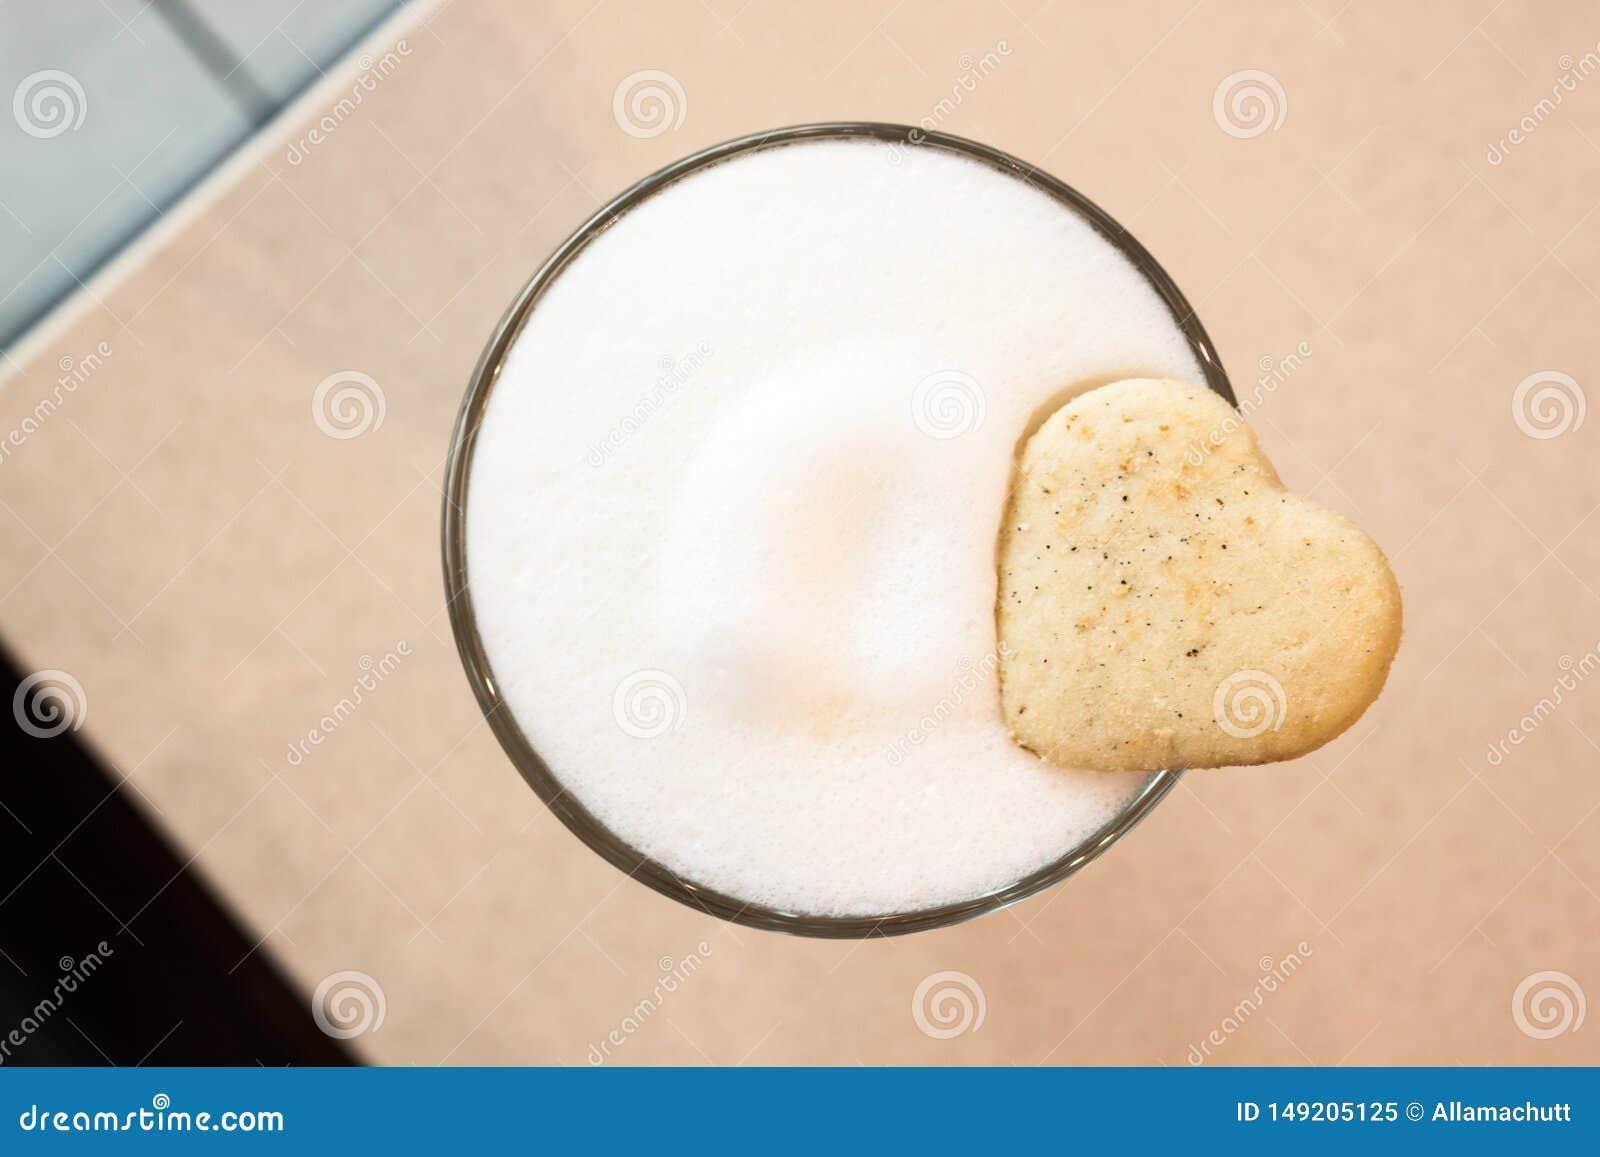 Latte и печенье кофе